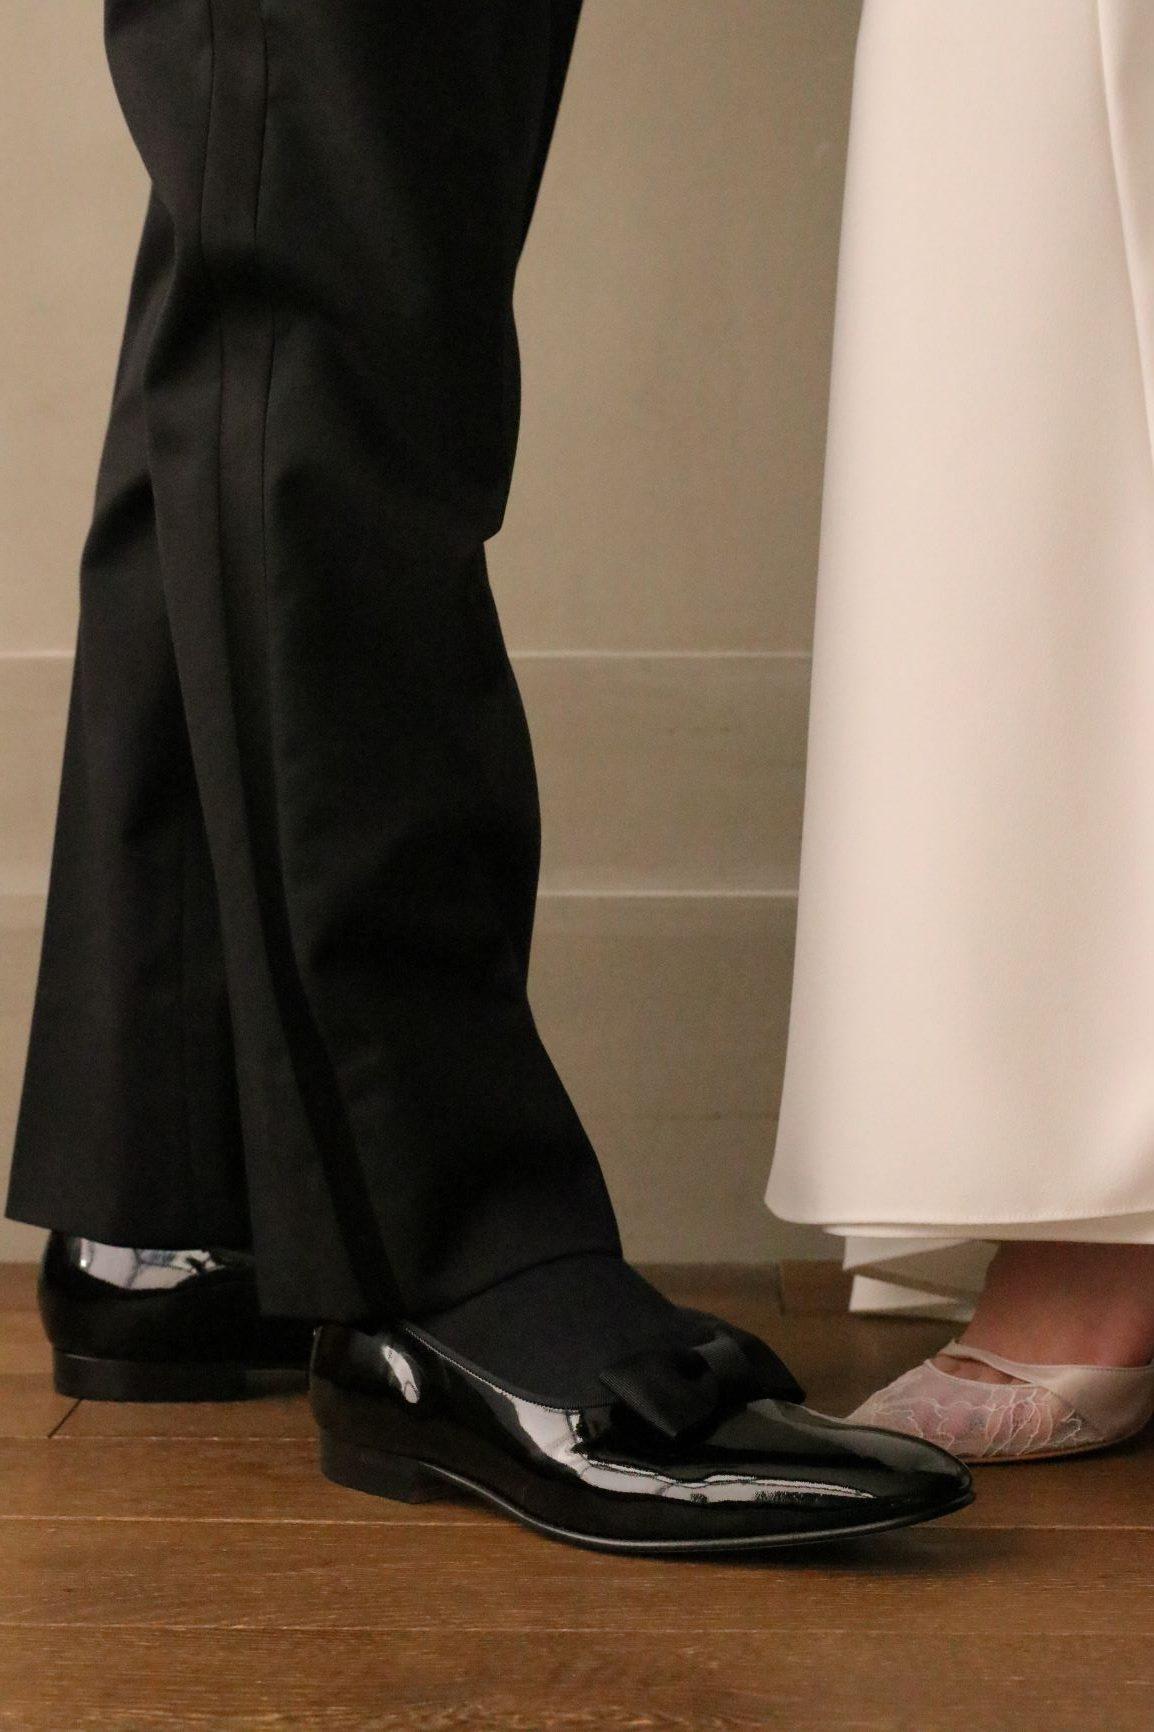 TOMO KOIZUMIとのコラボレーションで世界から注目を浴びるウェディングドレスのセレクトショップ、THETREATDRESSINGではご新婦様のお衣裳だけでなく、ご新郎様のフォーマルタキシードやお色直しスタイルにも力を入れています。